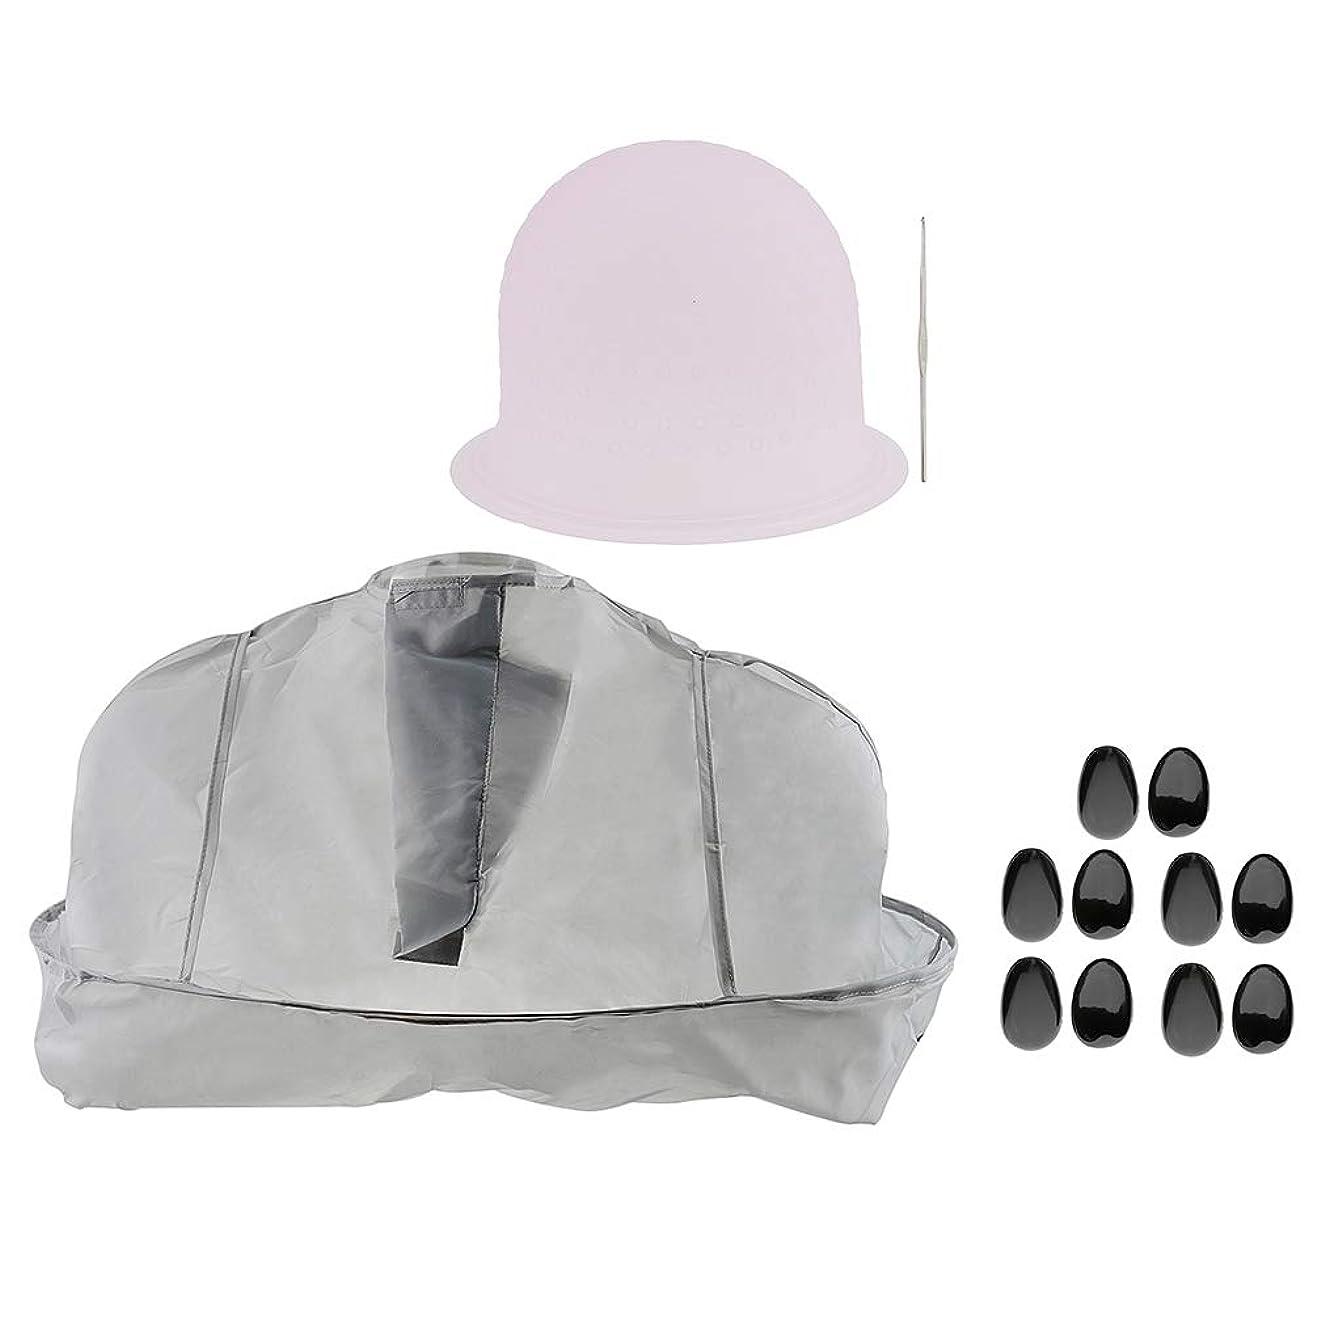 有名仕事社会学B Blesiya ヘアサロン 美容院 ヘアカラー 色付け 帽子 キャップ 耳のカバー 美容ケープ